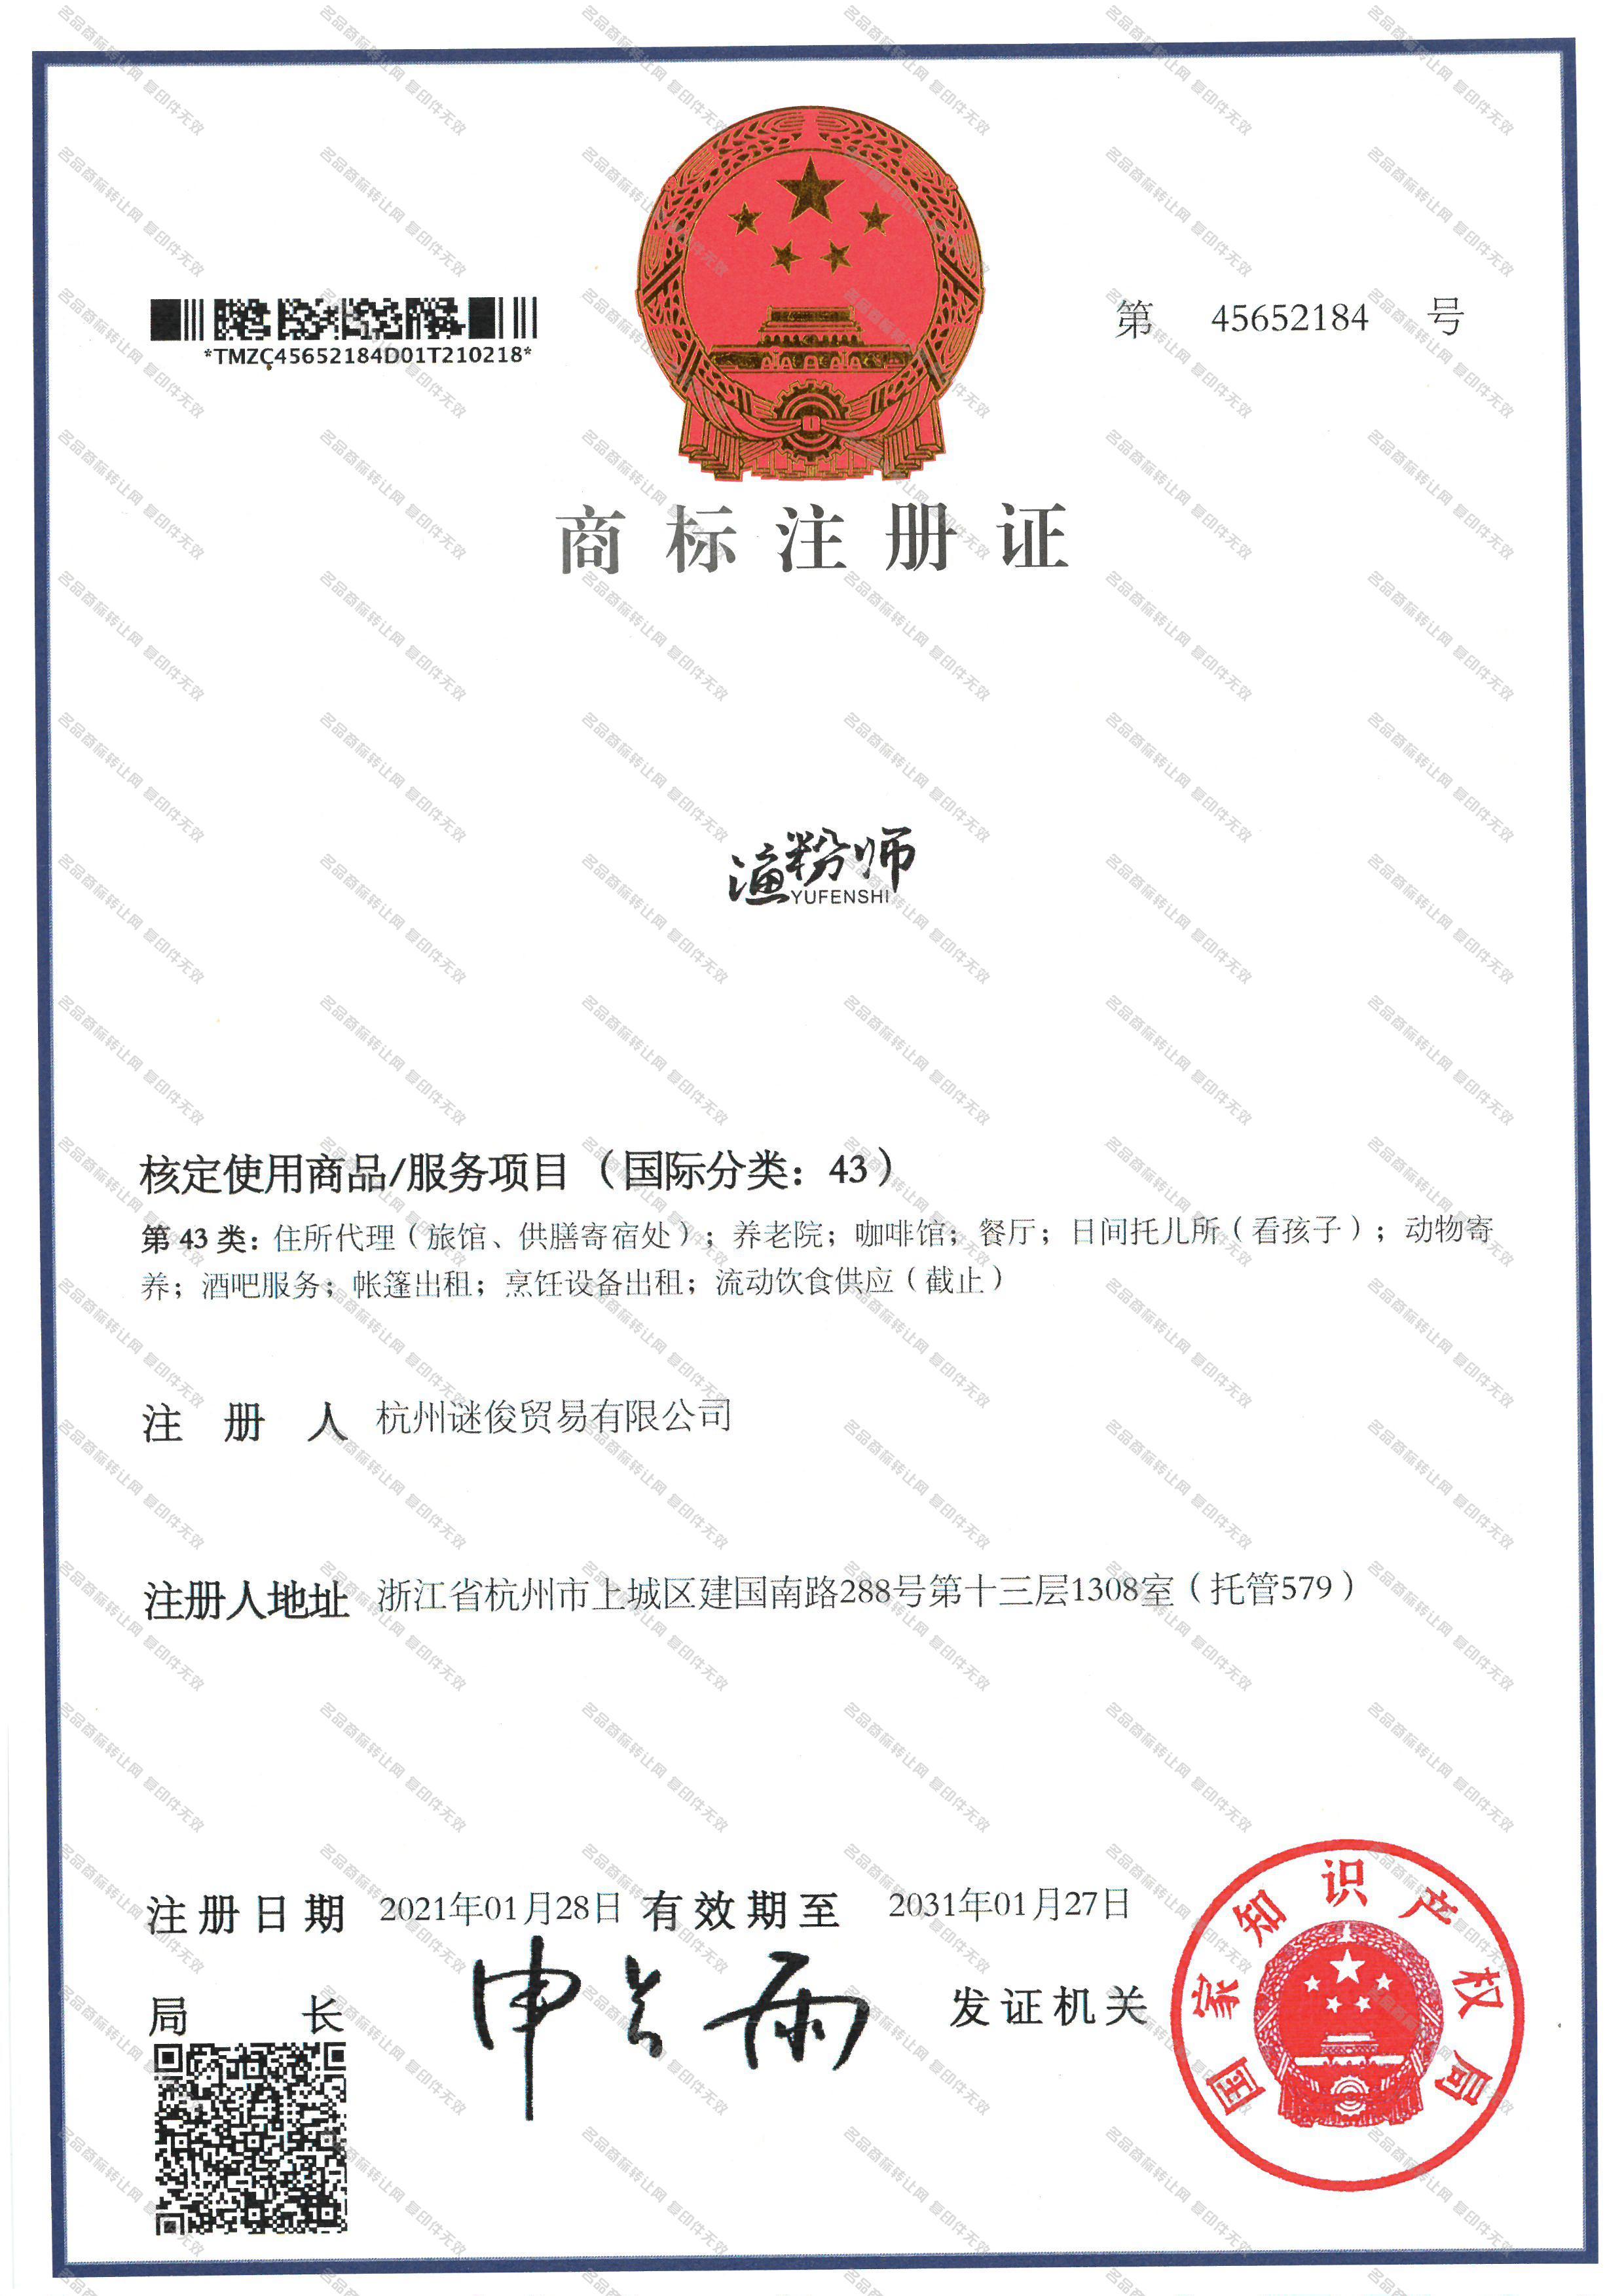 渔粉师;YUFENSHI注册证